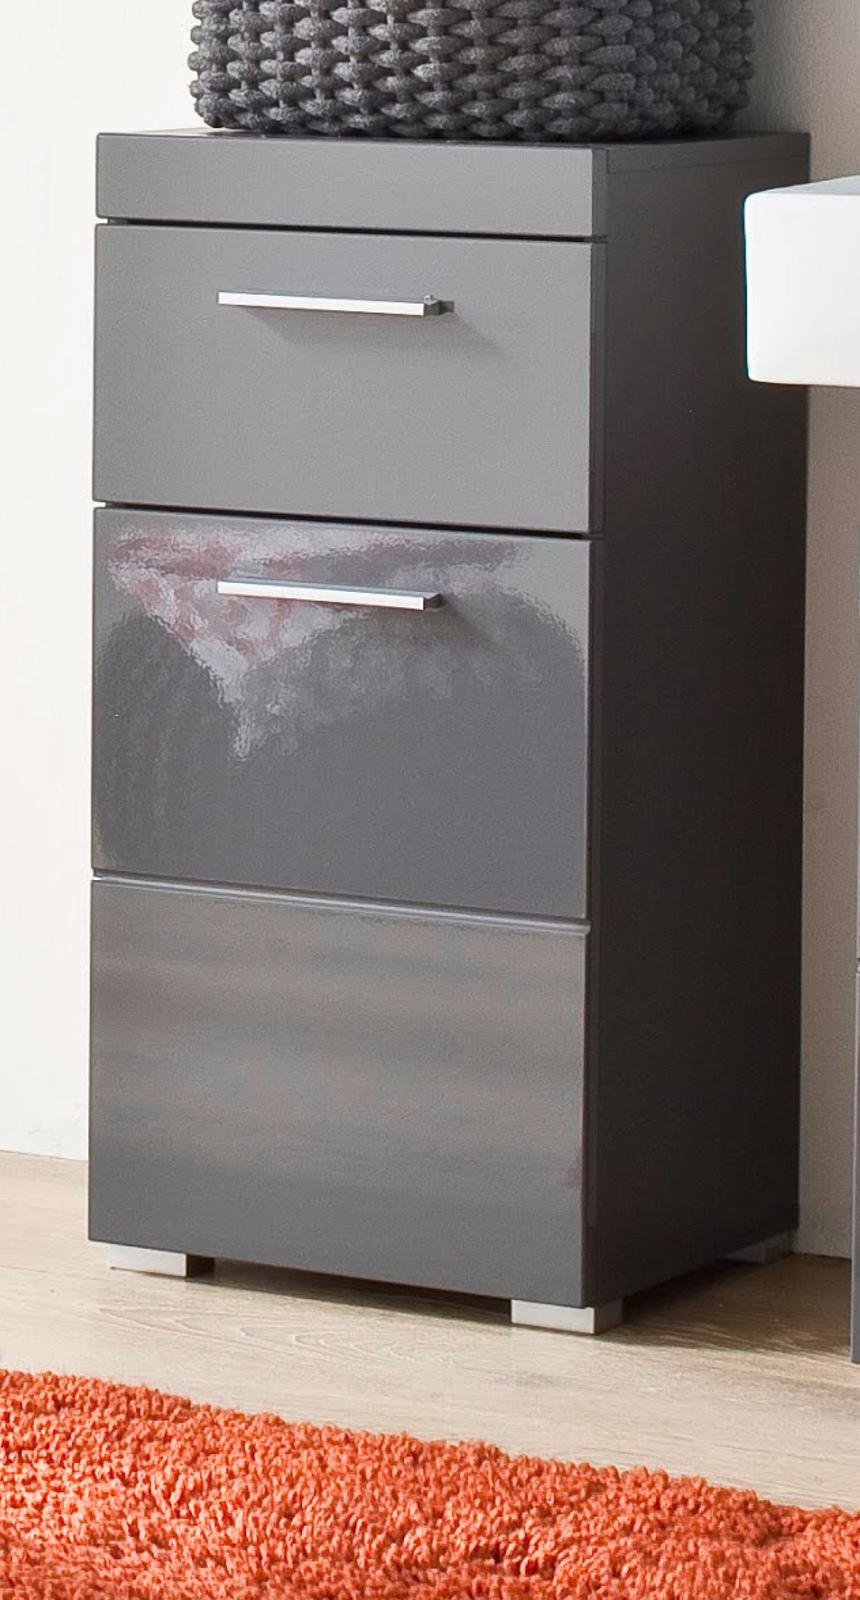 Badezimmer Unterschrank Amanda in Hochglanz grau Badschrank 12 x 12 cm  Kommode Badmöbel